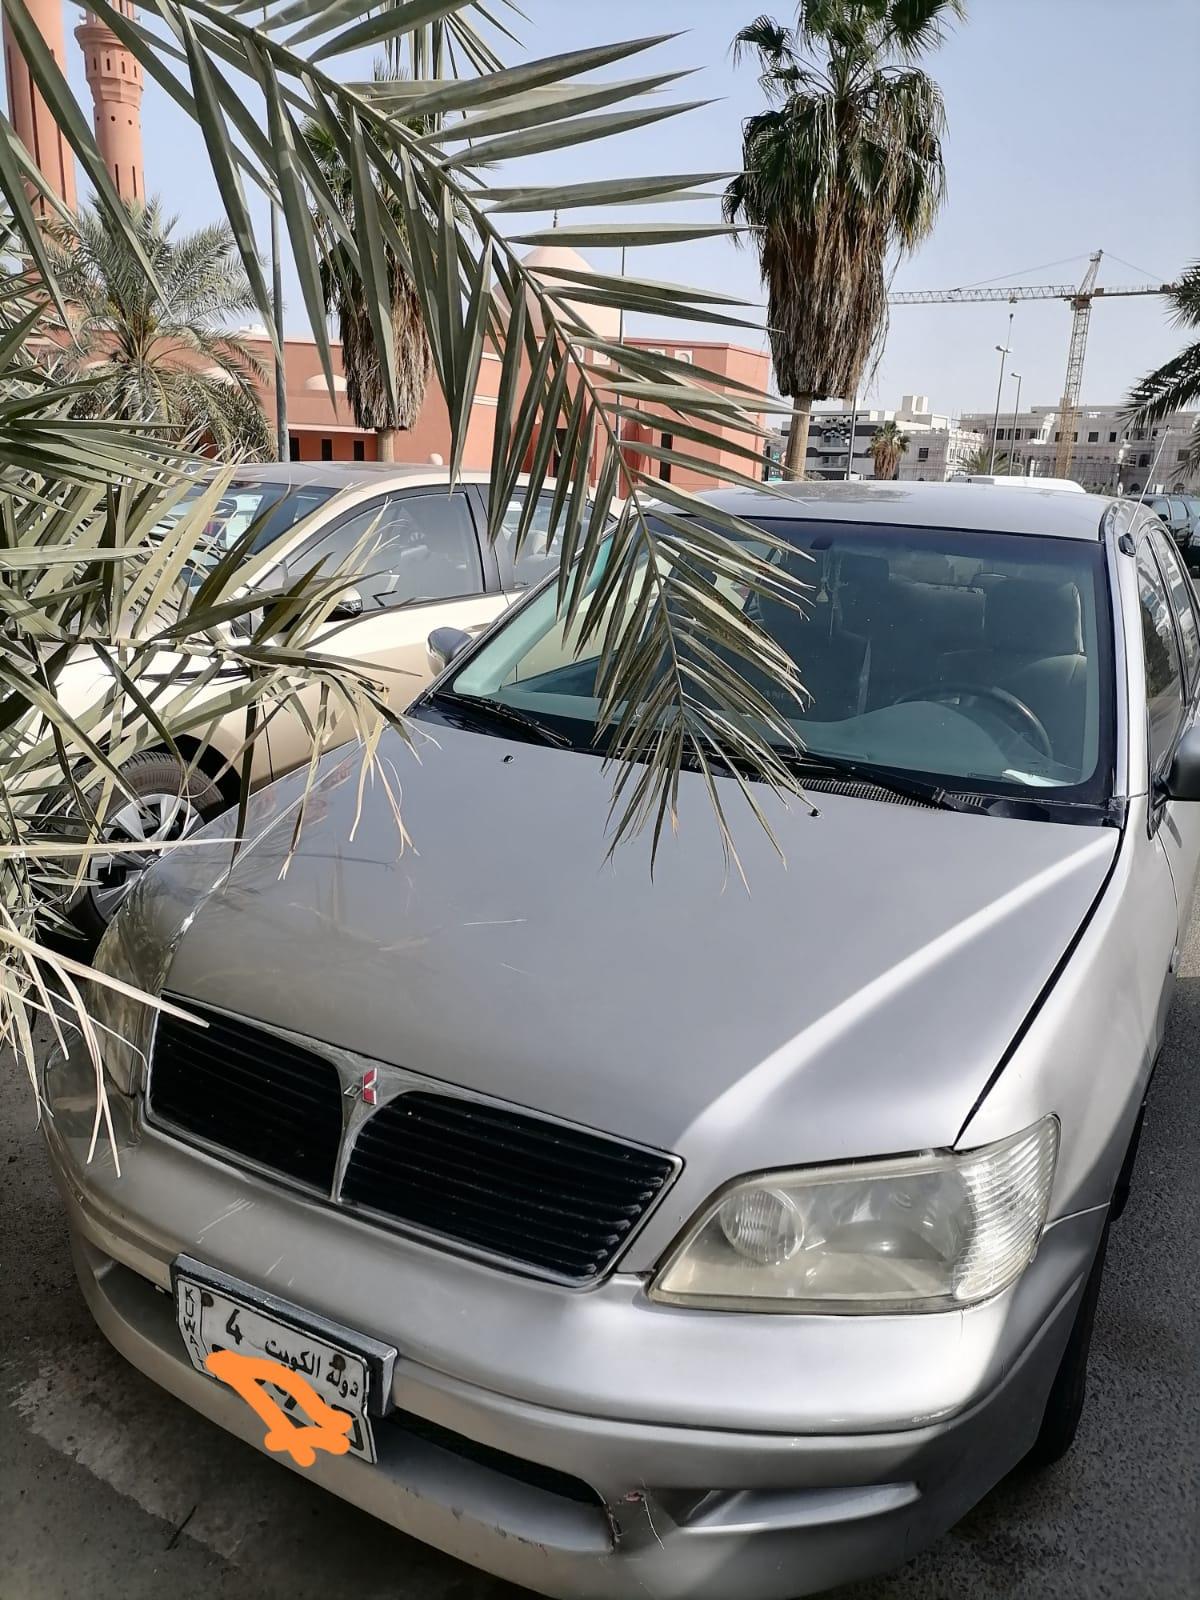 Lancer GLX Car for sale (2002)